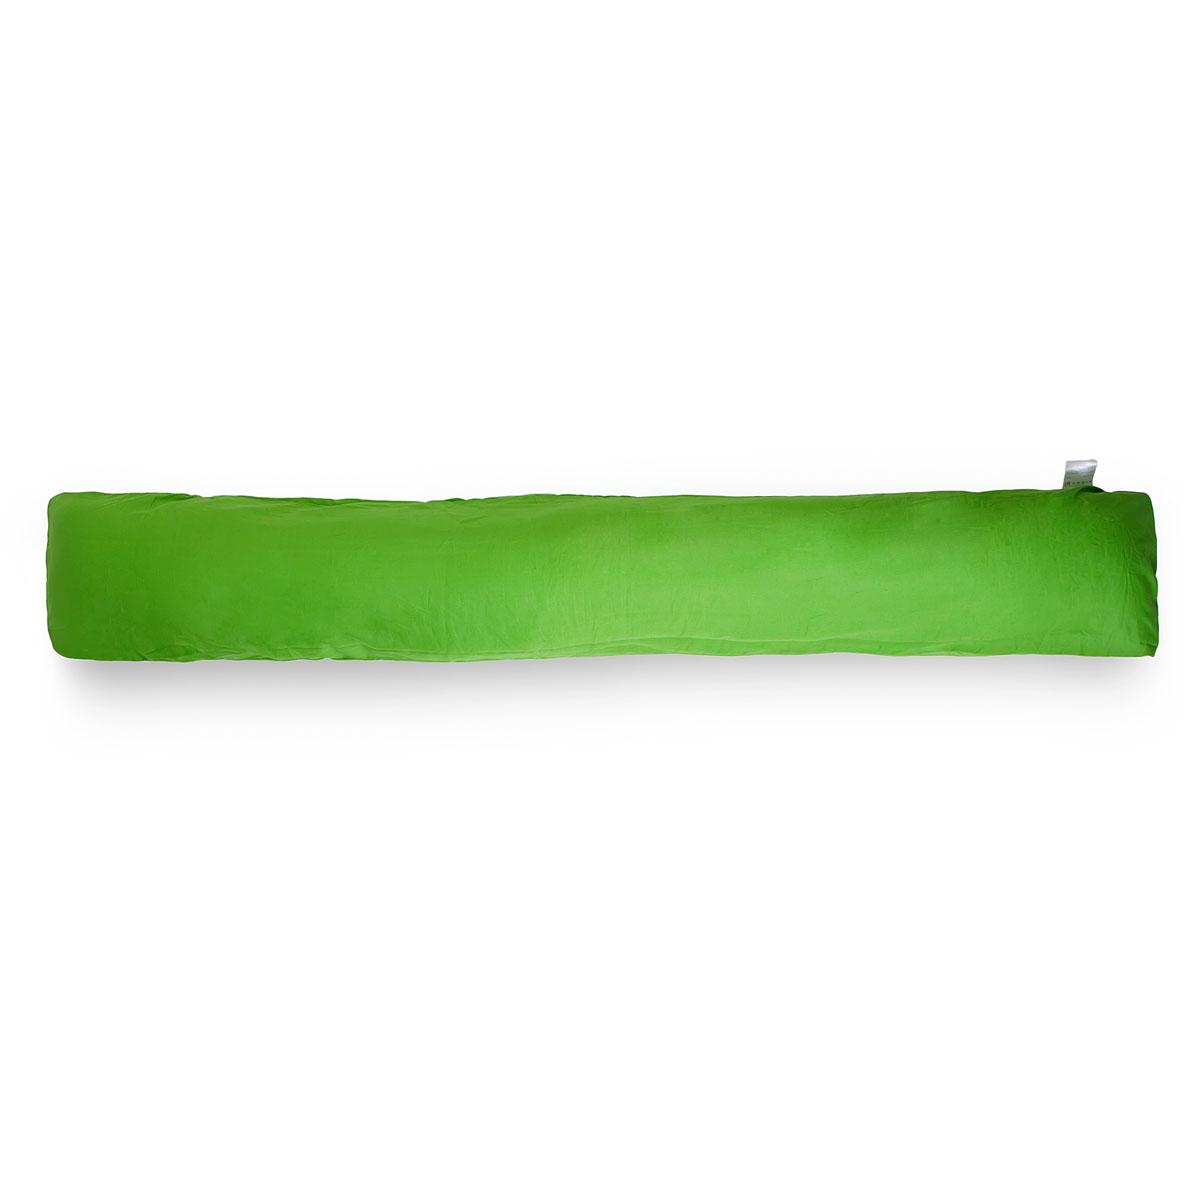 БИО-Подушка для всего тела I maxi, чехол: зеленыйPI190K2Био-подушка I 190 - это длинная подушка, размера которой будет достаточно для комфорта высоких людей. Это большая подушка подойдет даже мужчинам. Удобна как длинная подушка для изголовья кровати, подушка- позиционер, большая подушка-обнимашка. Идеальна в качестве оригинального подарка парню или девушке. Мягкий наполнитель из тонкого полиэфирного волокна (микроволокно) гигиеничен и прост в уходе (машинная стирка). Подушка мягкая и комфортная, равномерно наполнена. Вы можете сгибать и скручивать подушку, чтобы принять удобную позу, потом подушка вернет свою первоначальную форму. Съемный чехол из хлопковой ткани защитит вашу подушку от загрязнений, он легко снимается и одевается, долговечен и прост в уходе. Материал подушки: микрофибра Материал чехла: хлопок